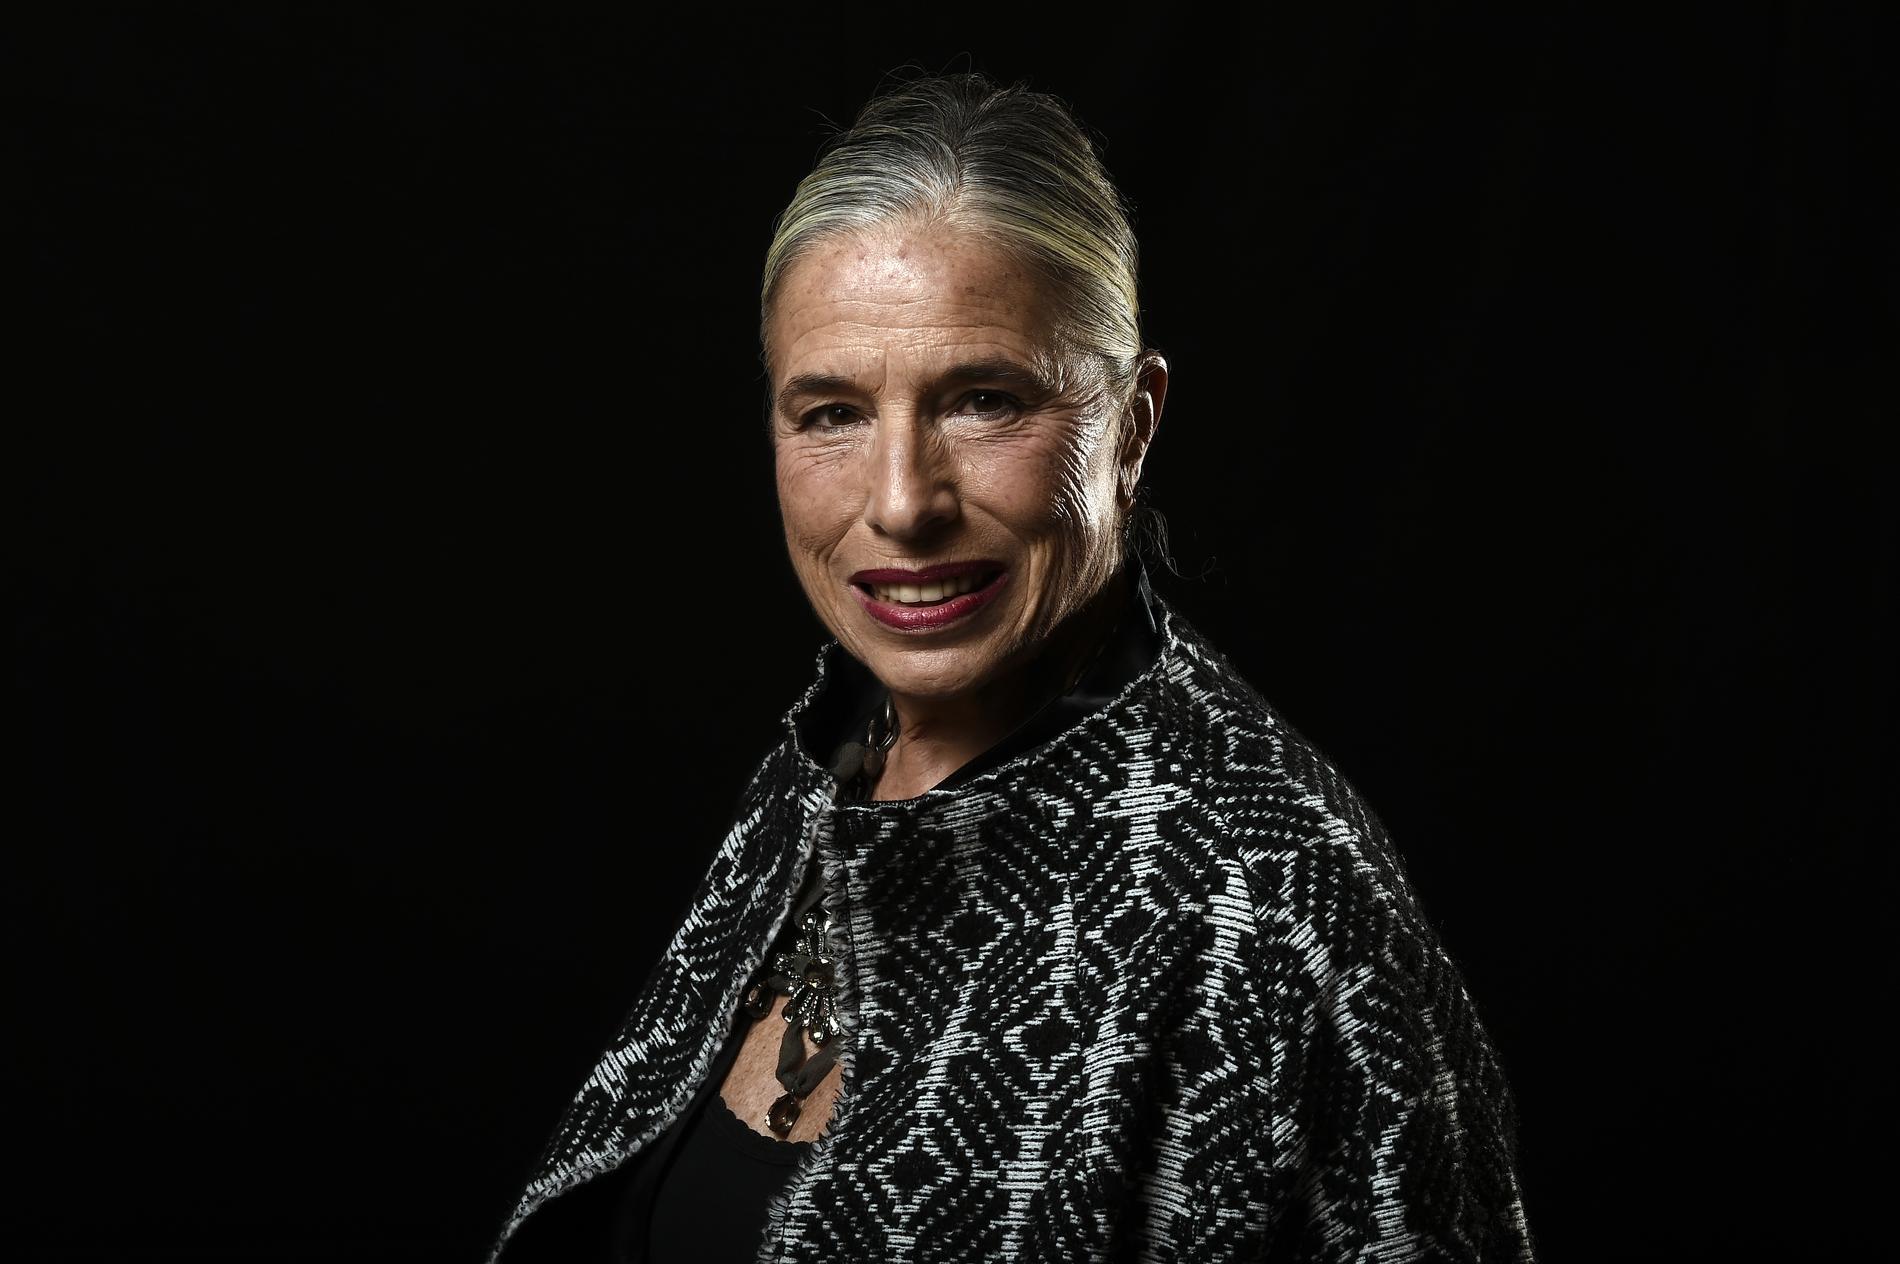 Marie-France Cohen